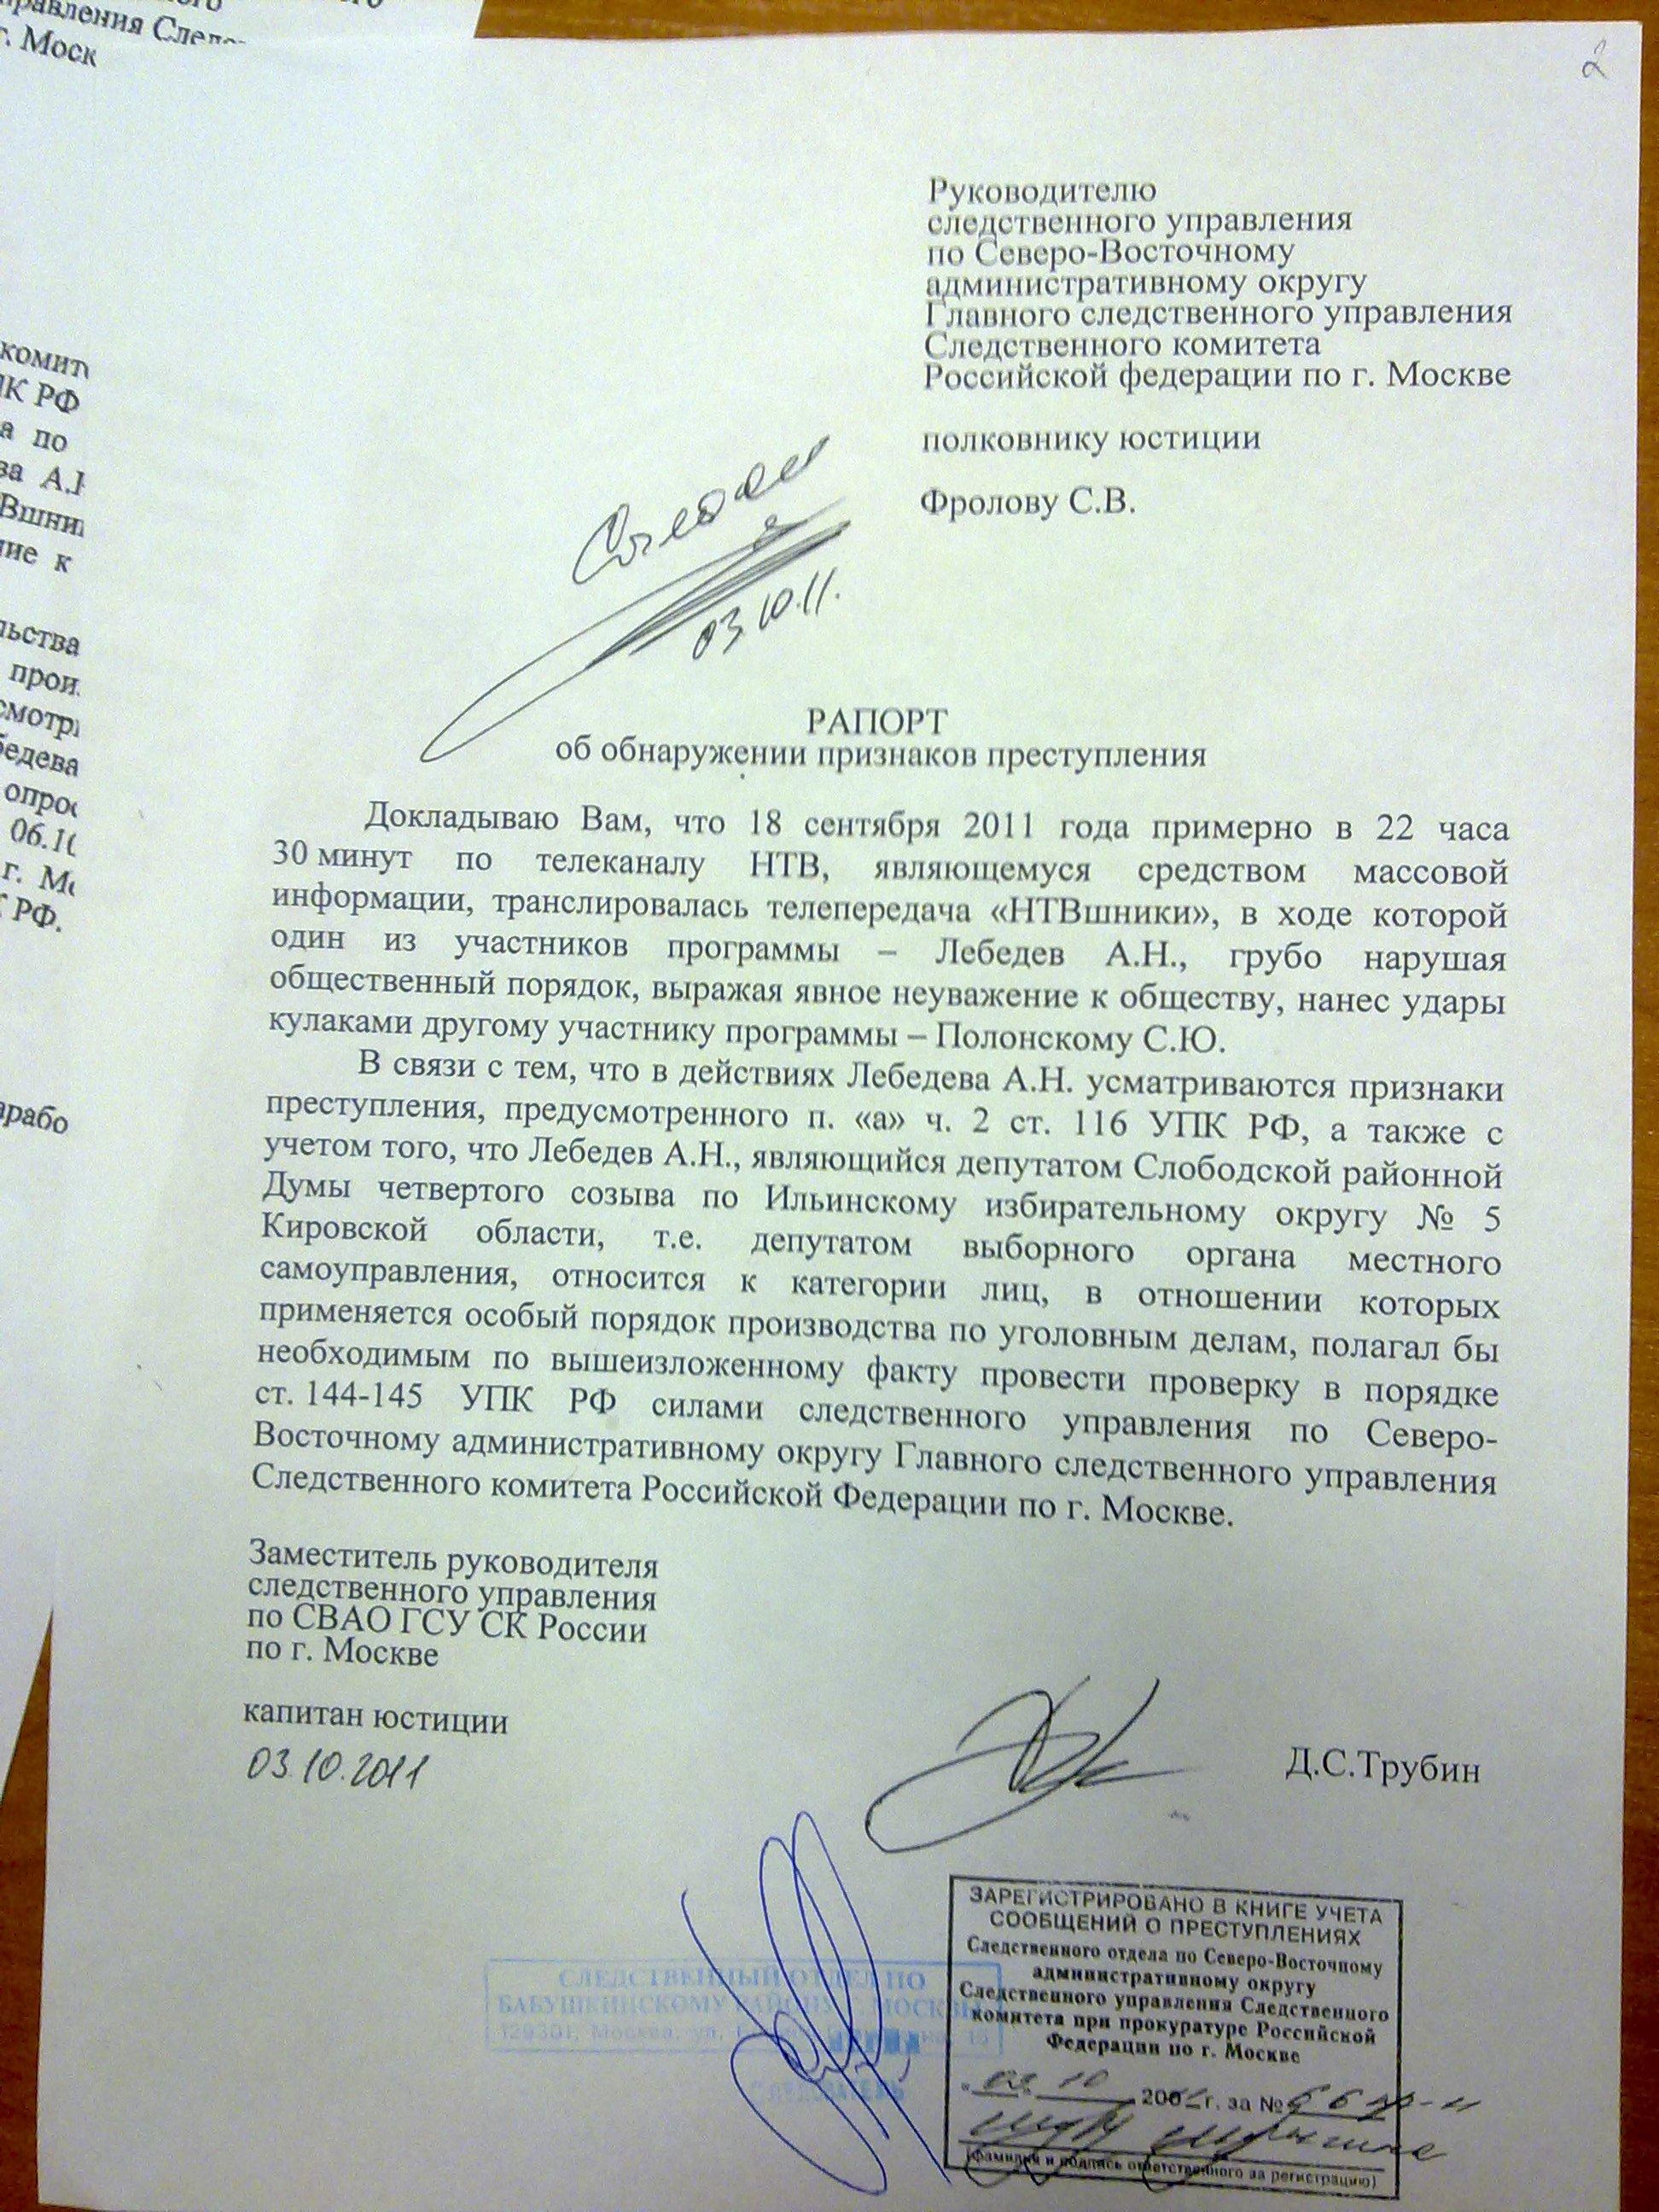 прокуратура обратилась в ейский городской суд с иском о том, чтобы «газпроммежрегионгазкраснодар воз